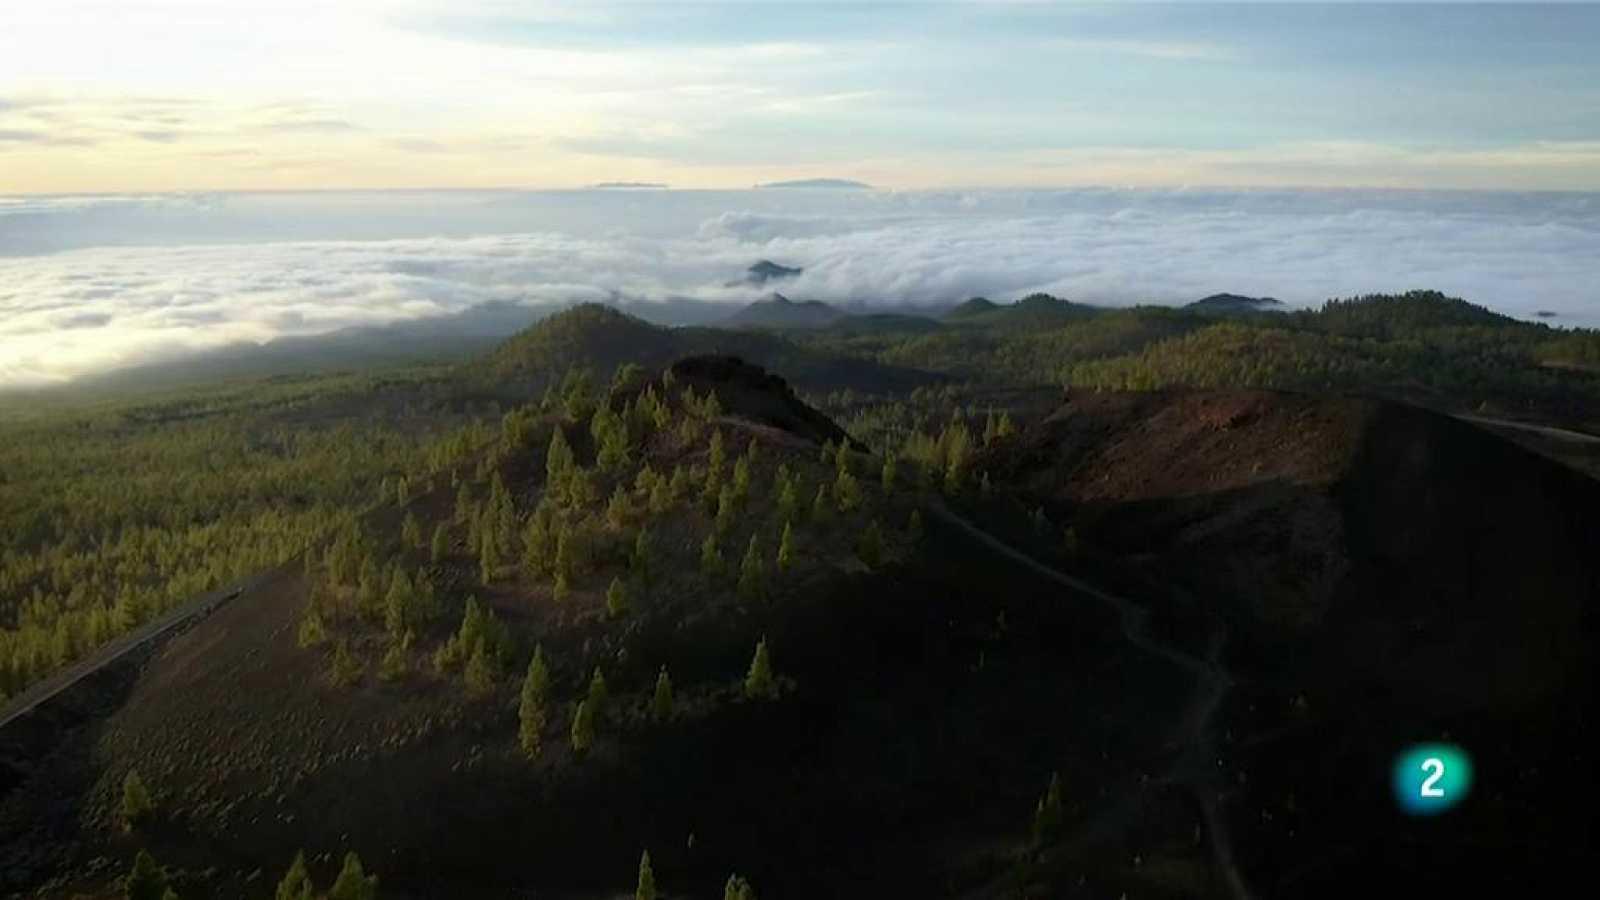 La aventura del saber Tenerife frente al cambio climático convención Marco de Naciones Unidas